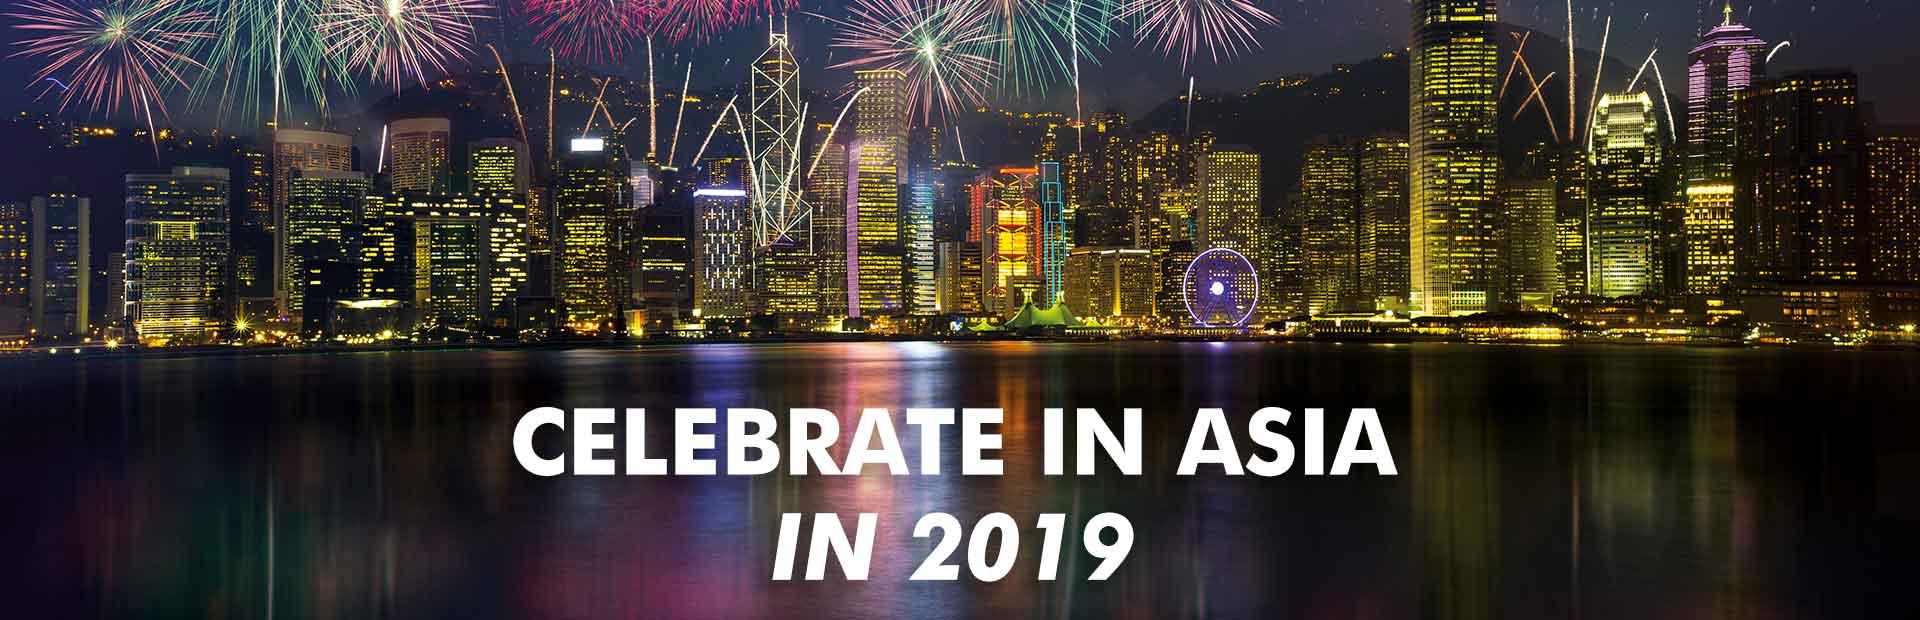 Asia in 2019